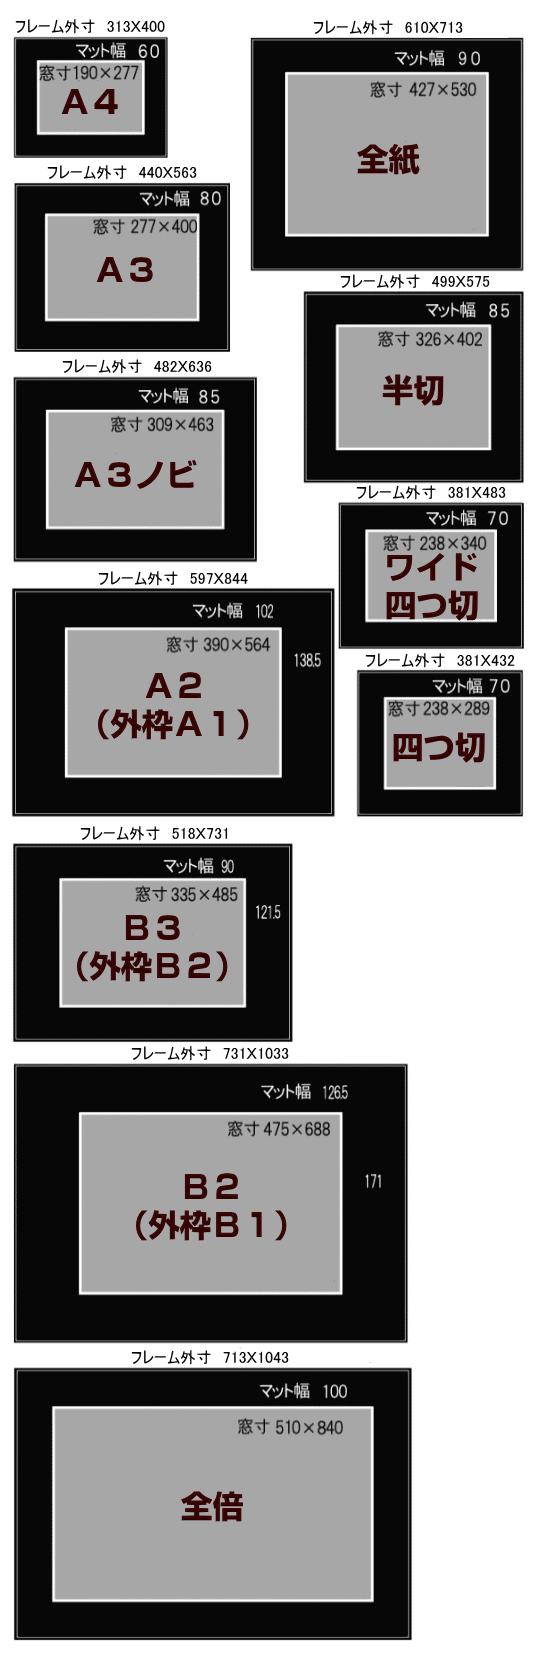 マットボードサイズ、窓寸、フレームとのバランス ワイド四つ切、四つ切、A3、A4、全紙、半切、A3ノビ、B2(外枠B1)、B3(外枠B2)、A2(外枠A1)、全倍